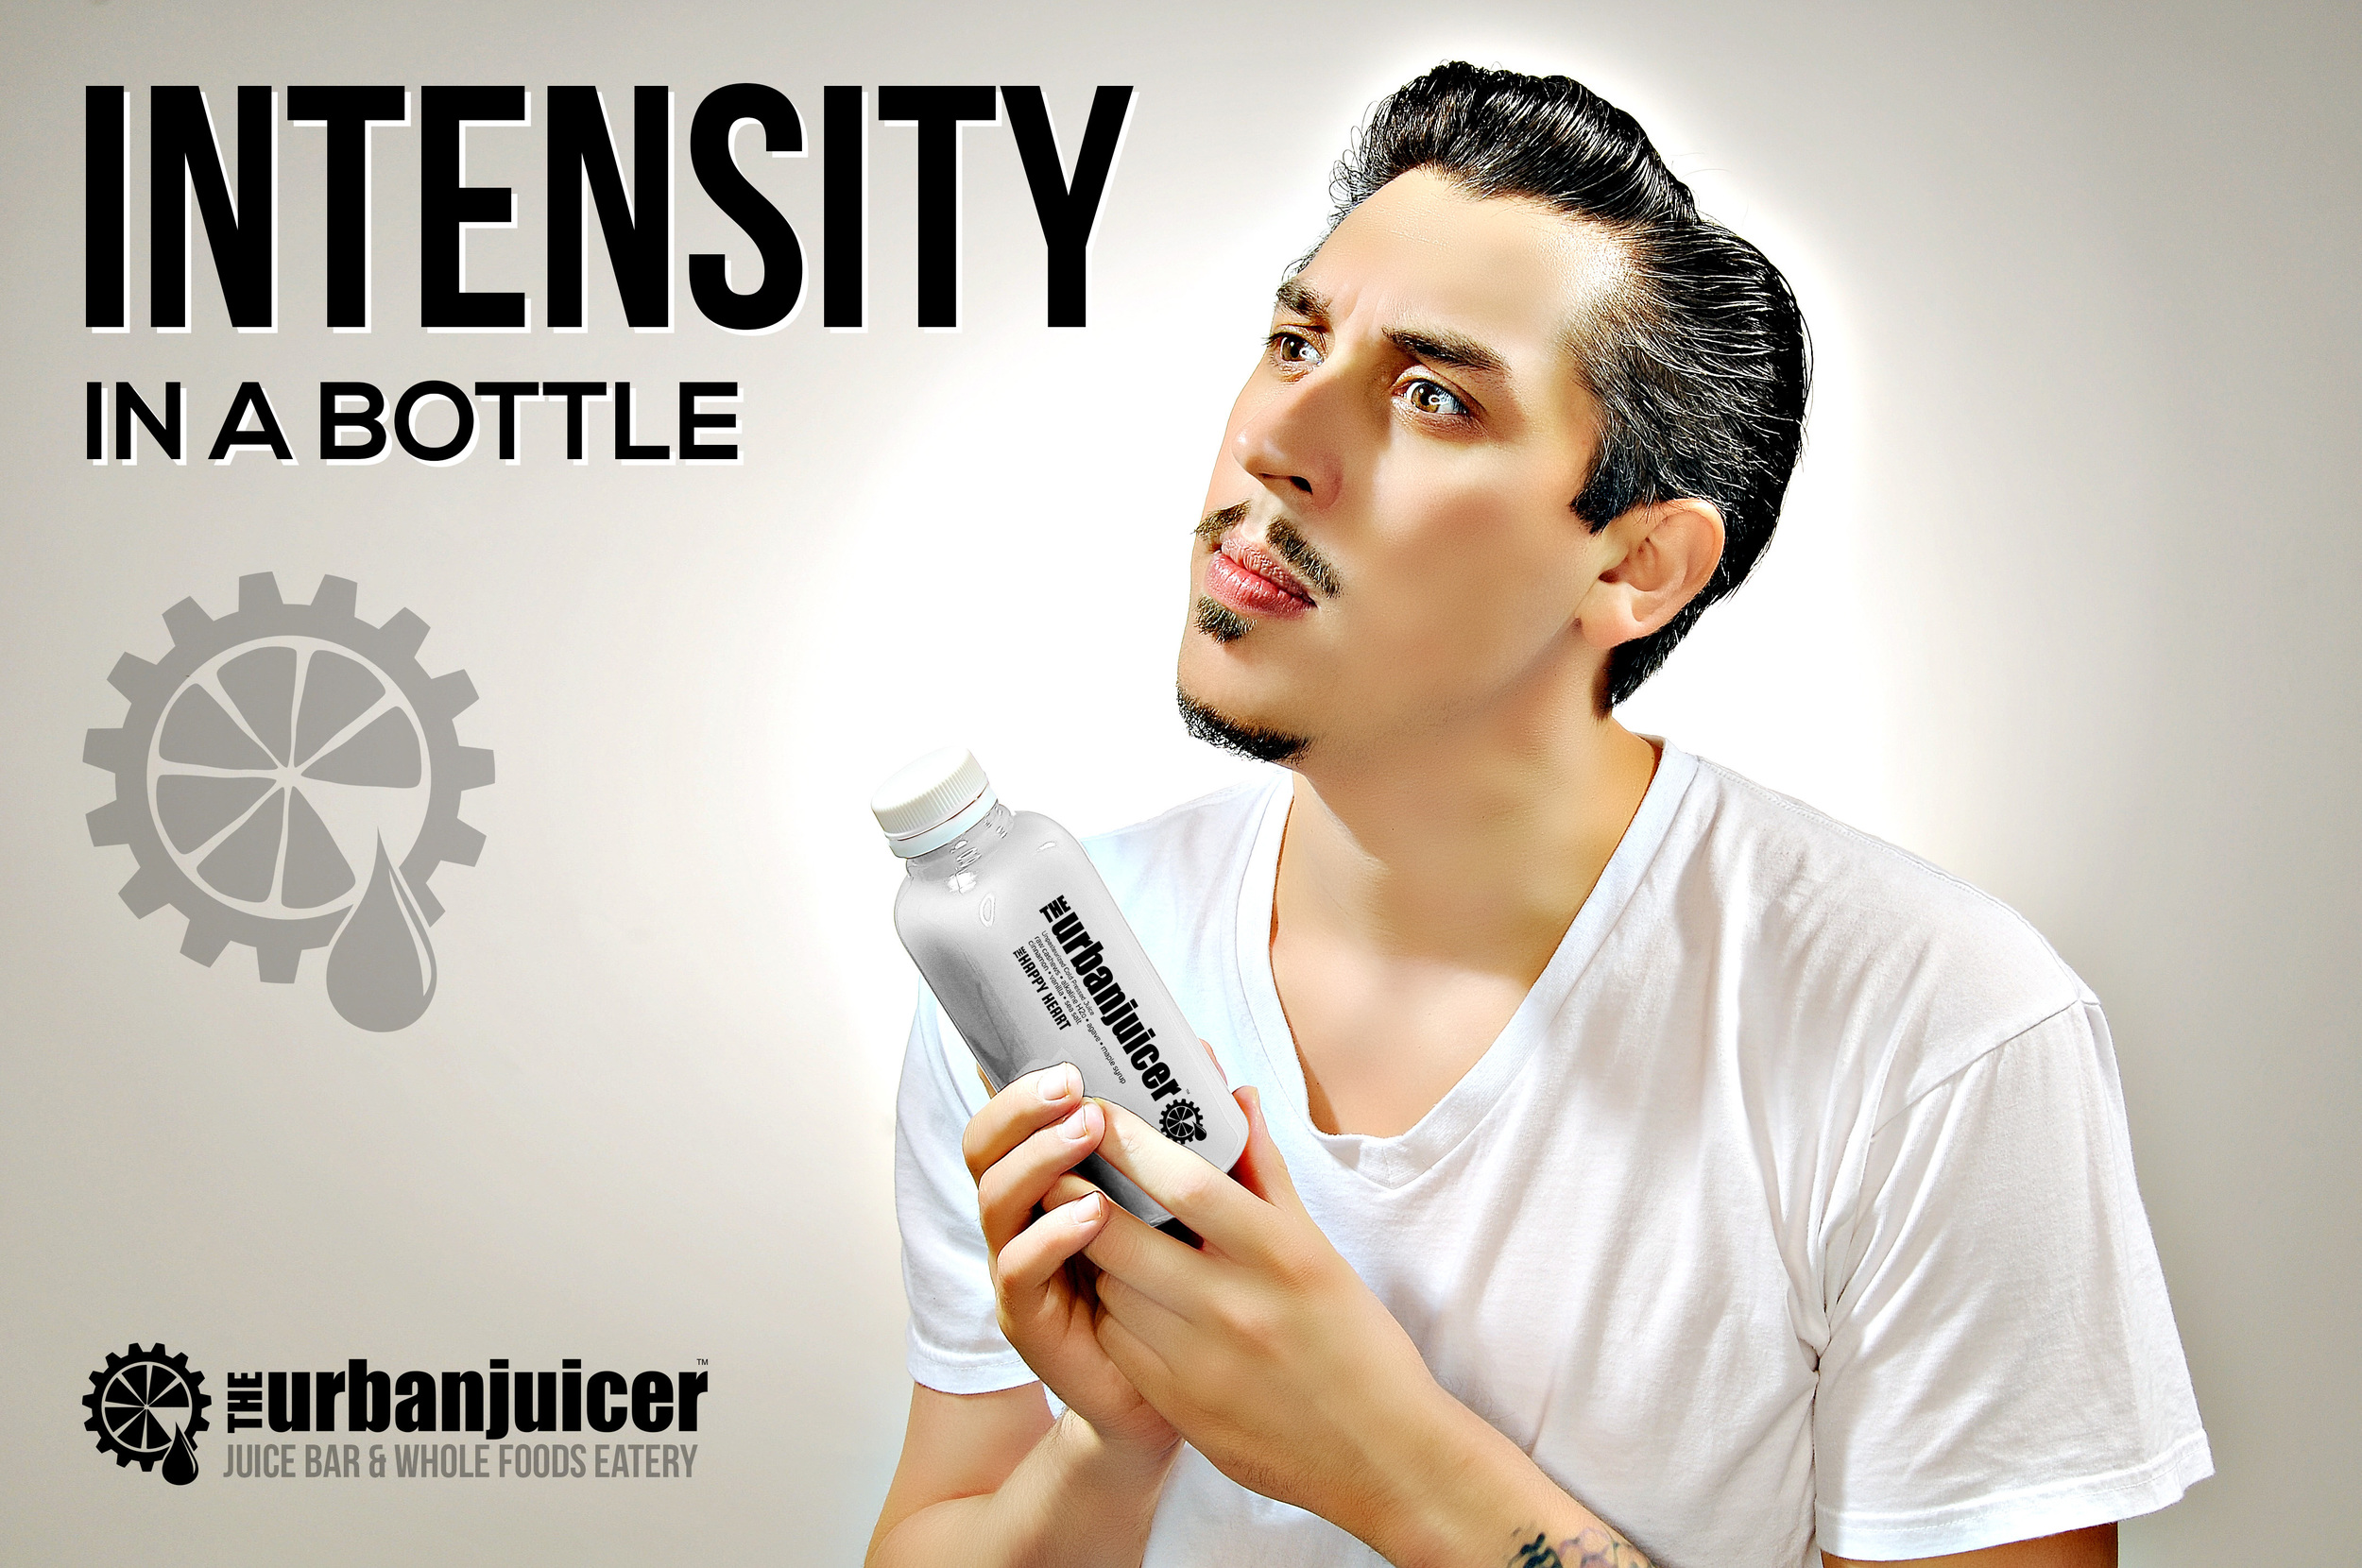 Dustin-Happy-Heart-White-BG-Intensity-Bonus-01.jpg